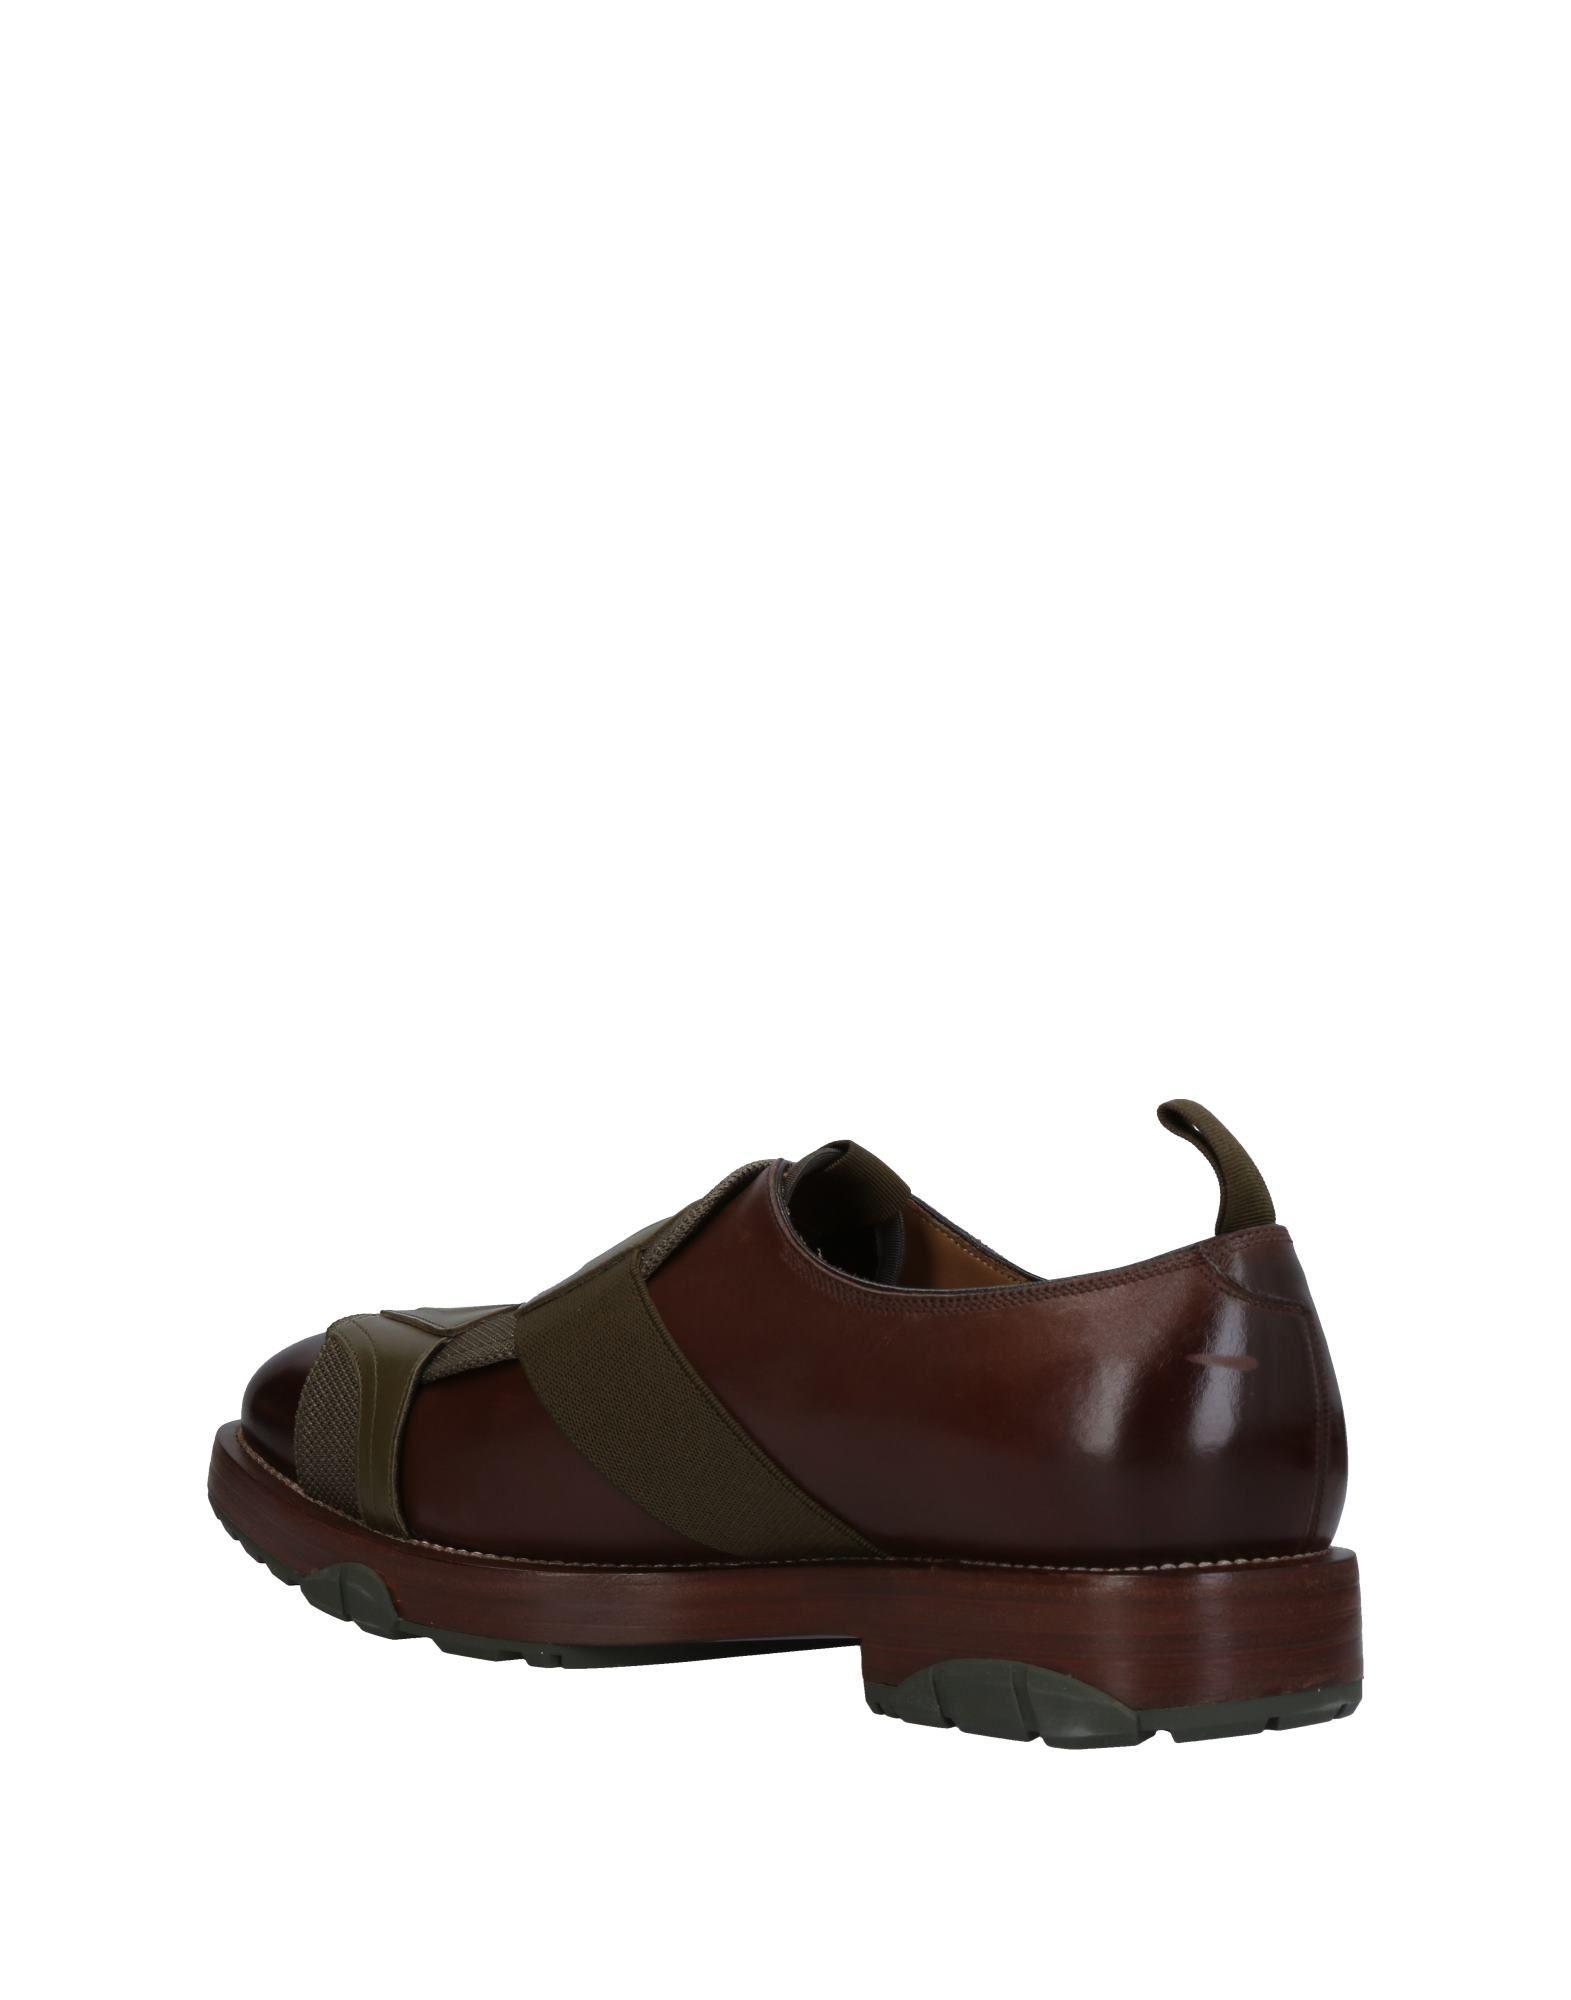 Salvatore Ferragamo Mokassins Herren  11433173KF Neue Schuhe